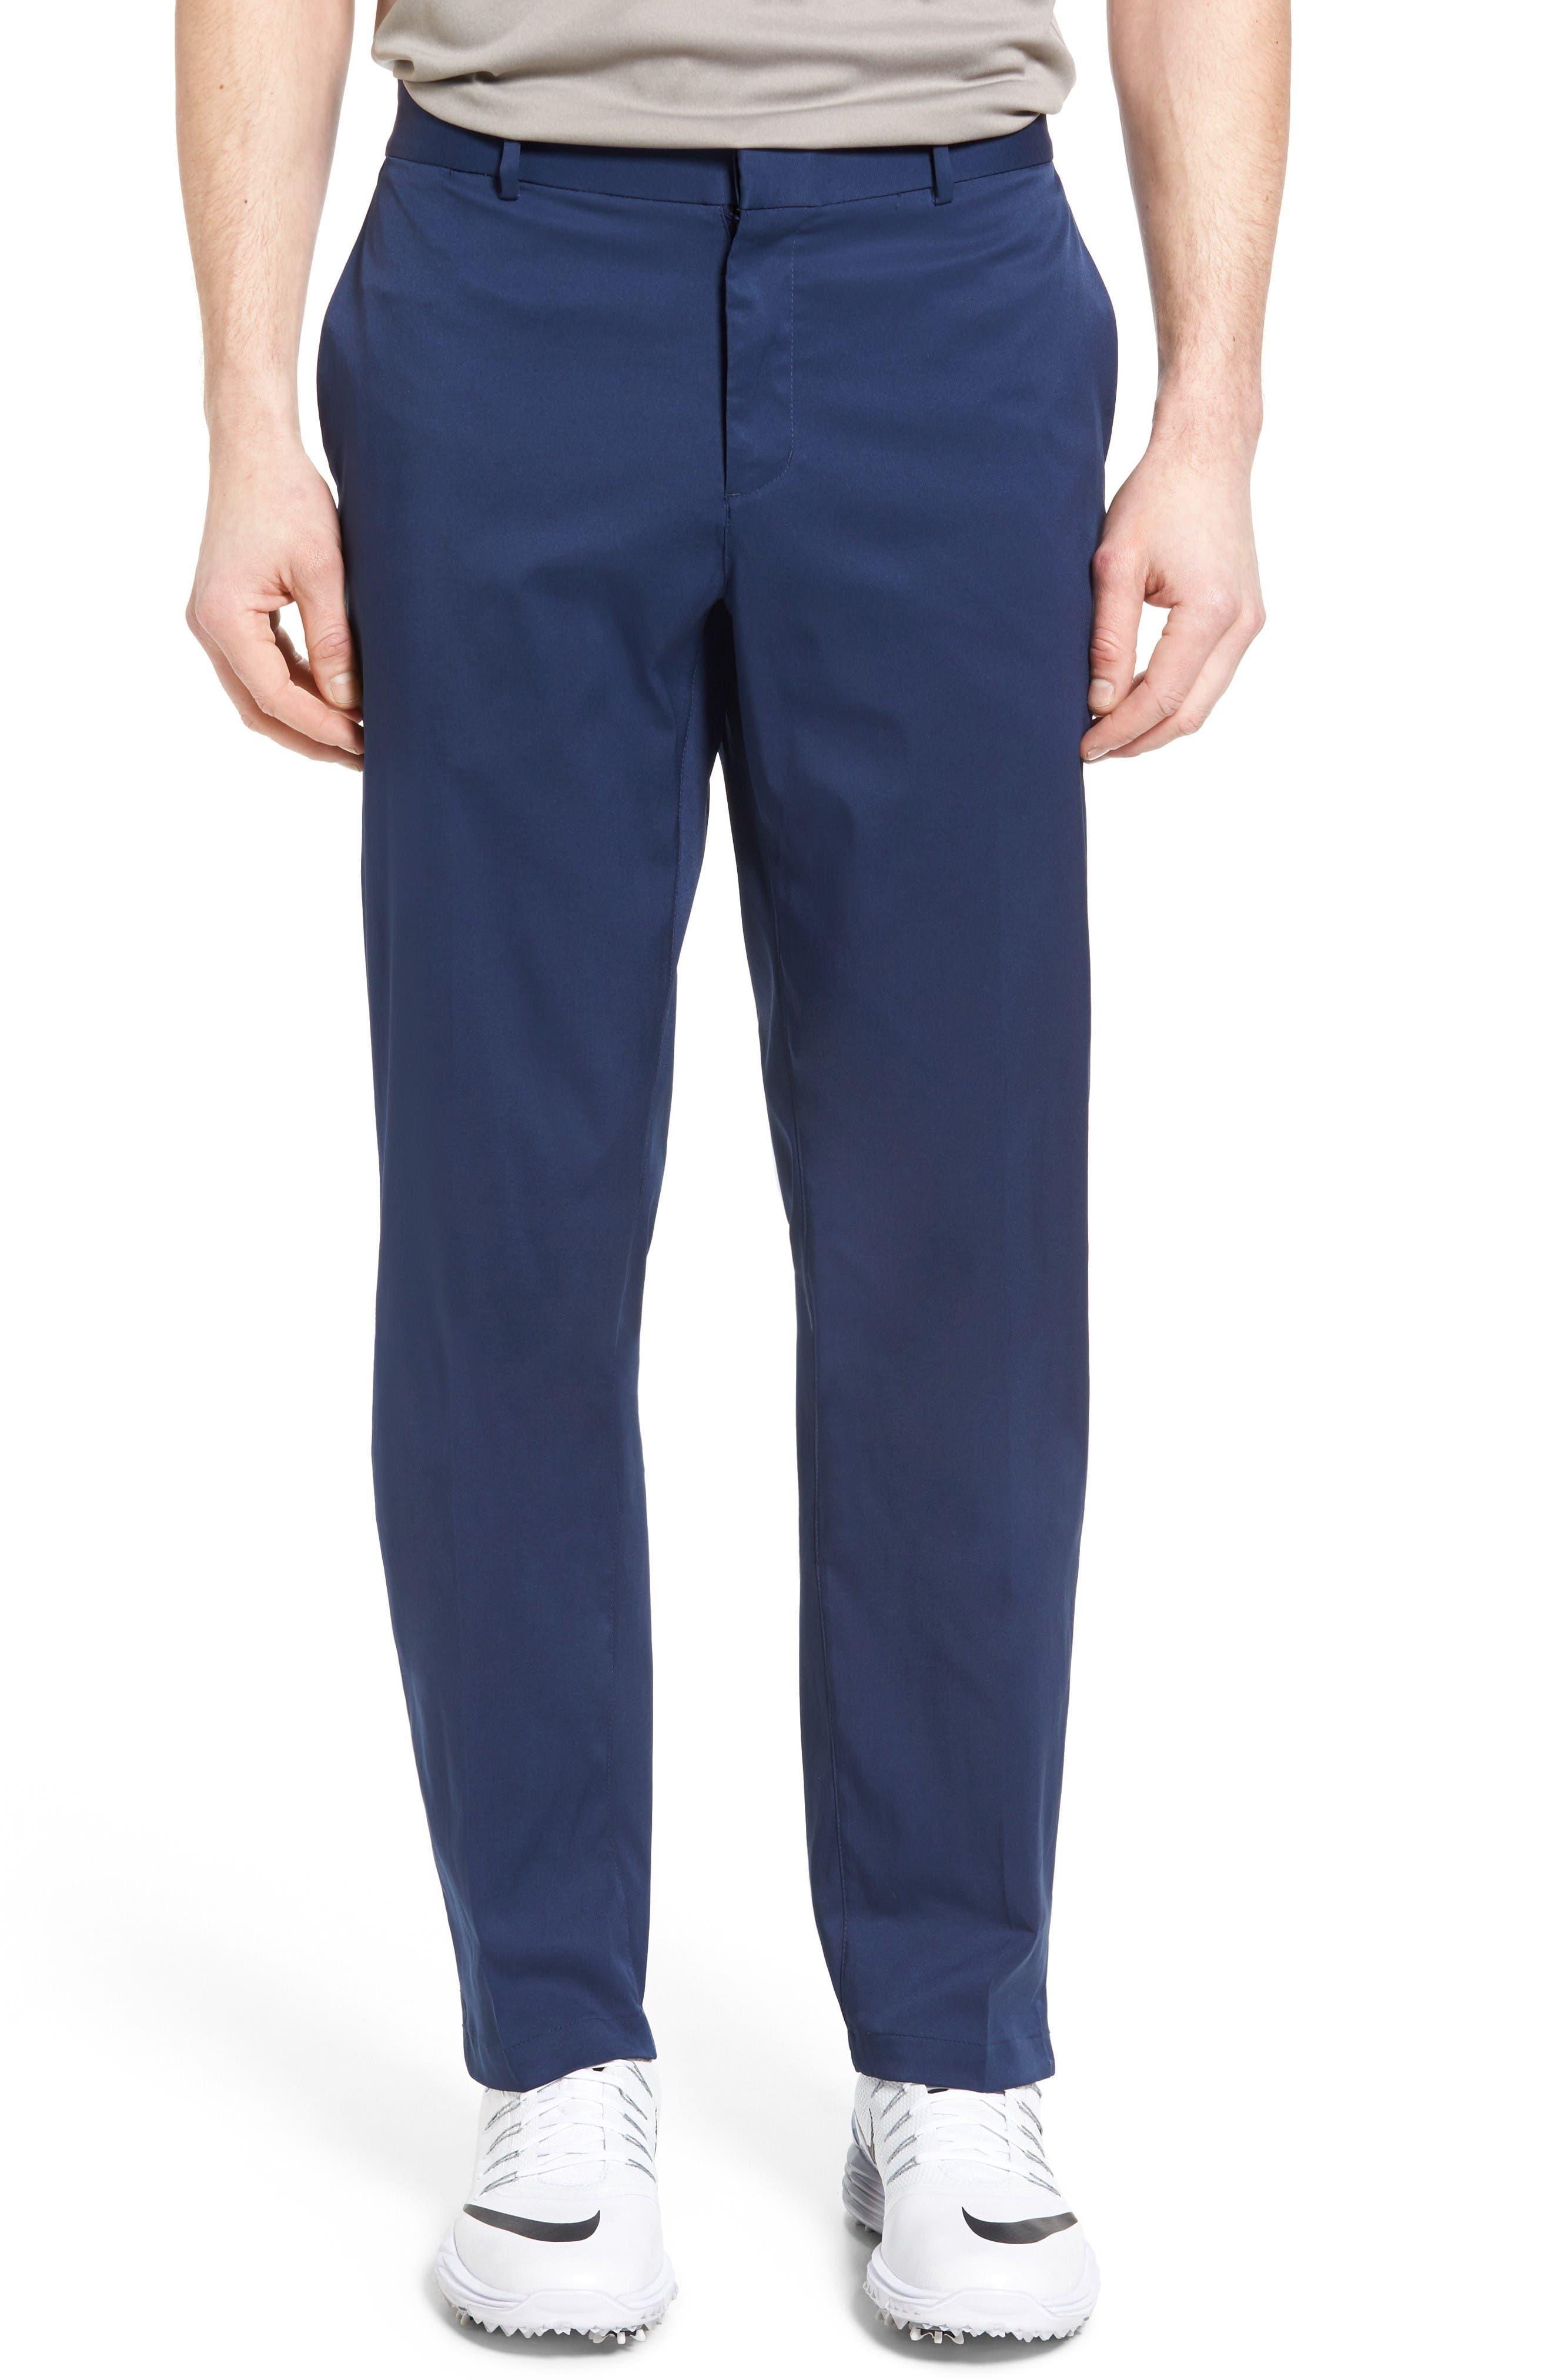 Nike Flat Front Dri-FIT Tech Golf Pants